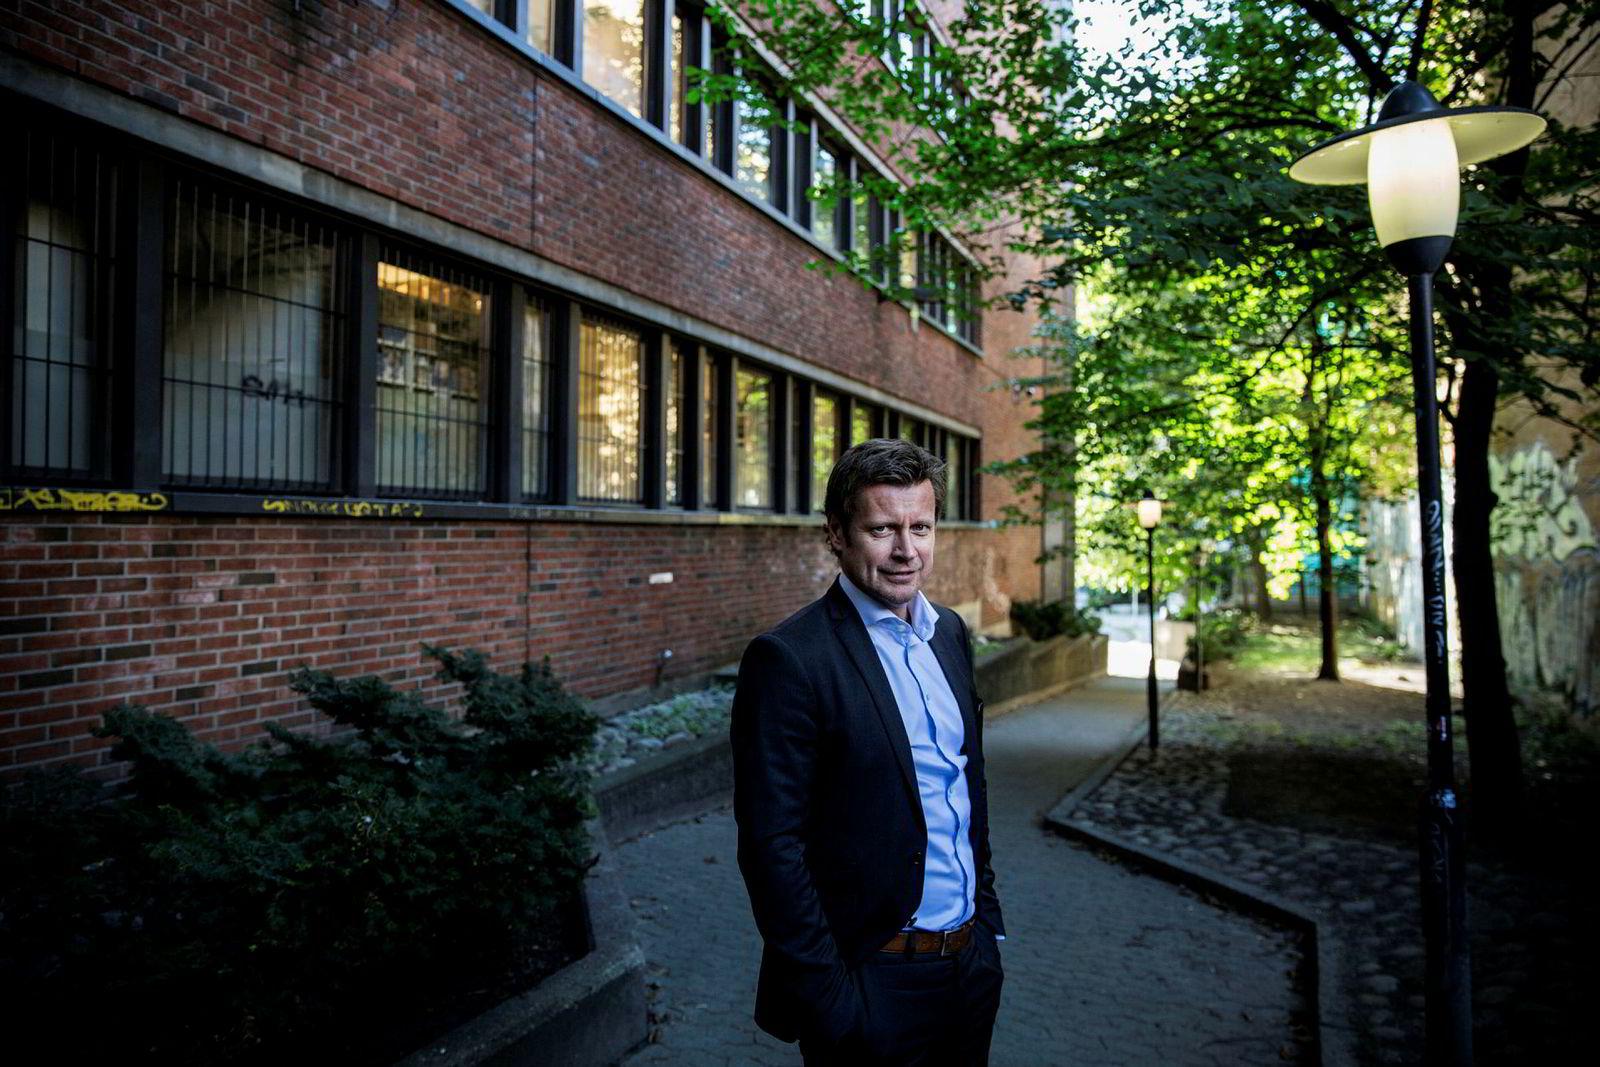 – Hvis NRK mener dette kun handler om penger, er det et uredelig argument, sier kanalsjef Trygve Rønningen i TV 2.